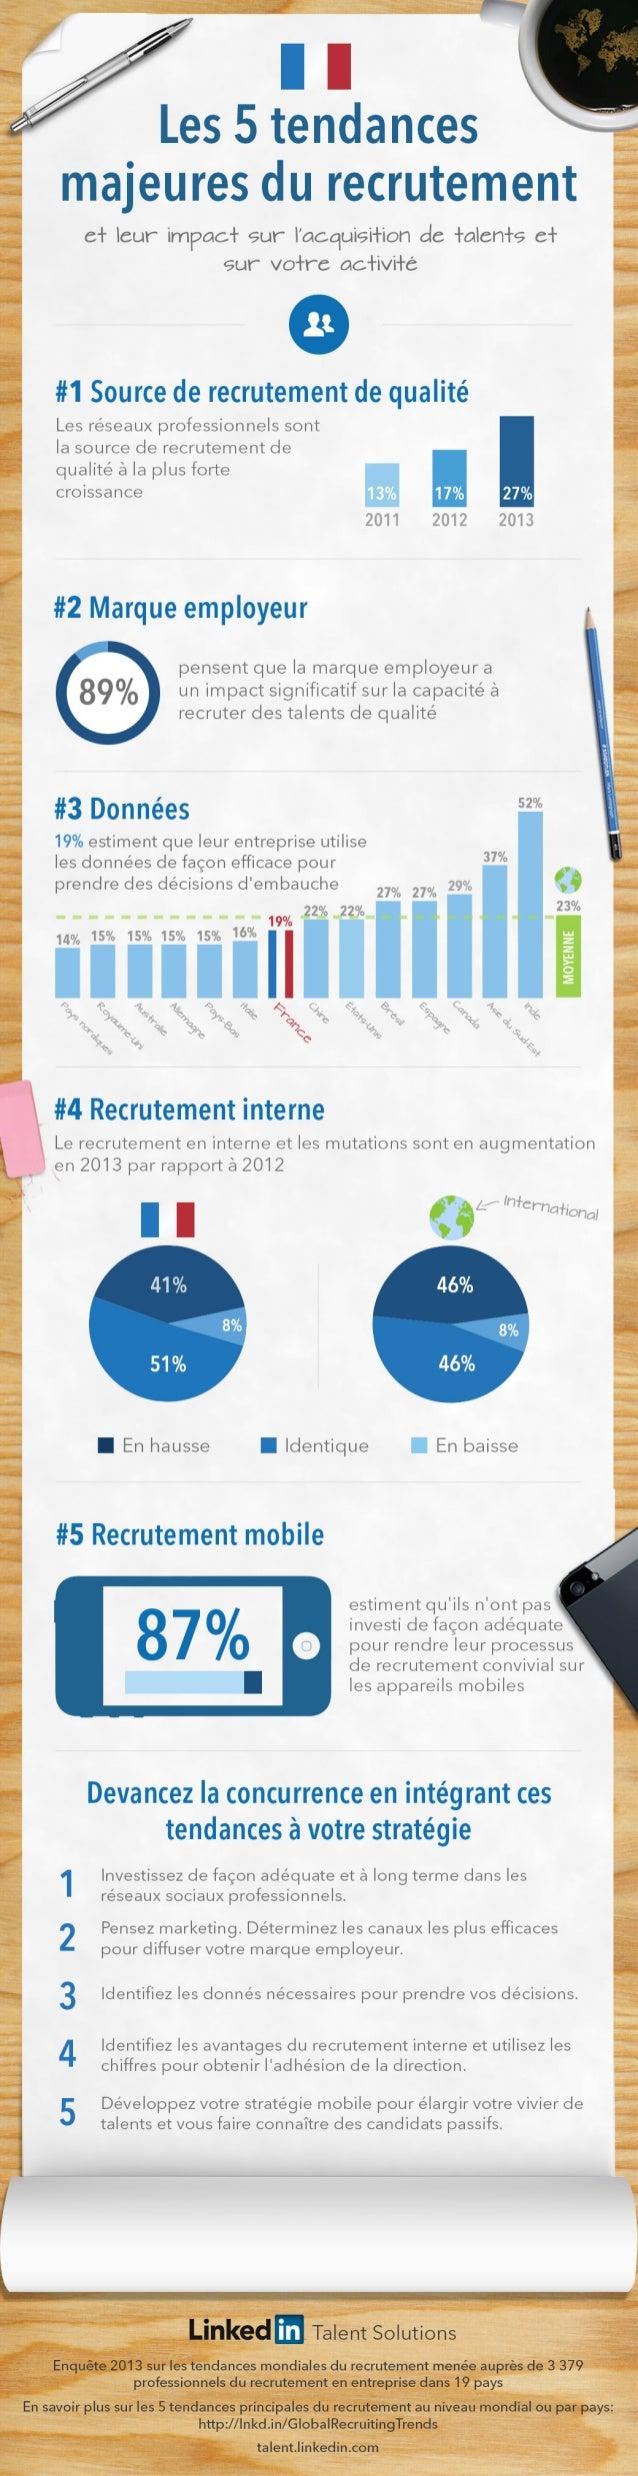 Infographie - Tendances du recrutement France 2013